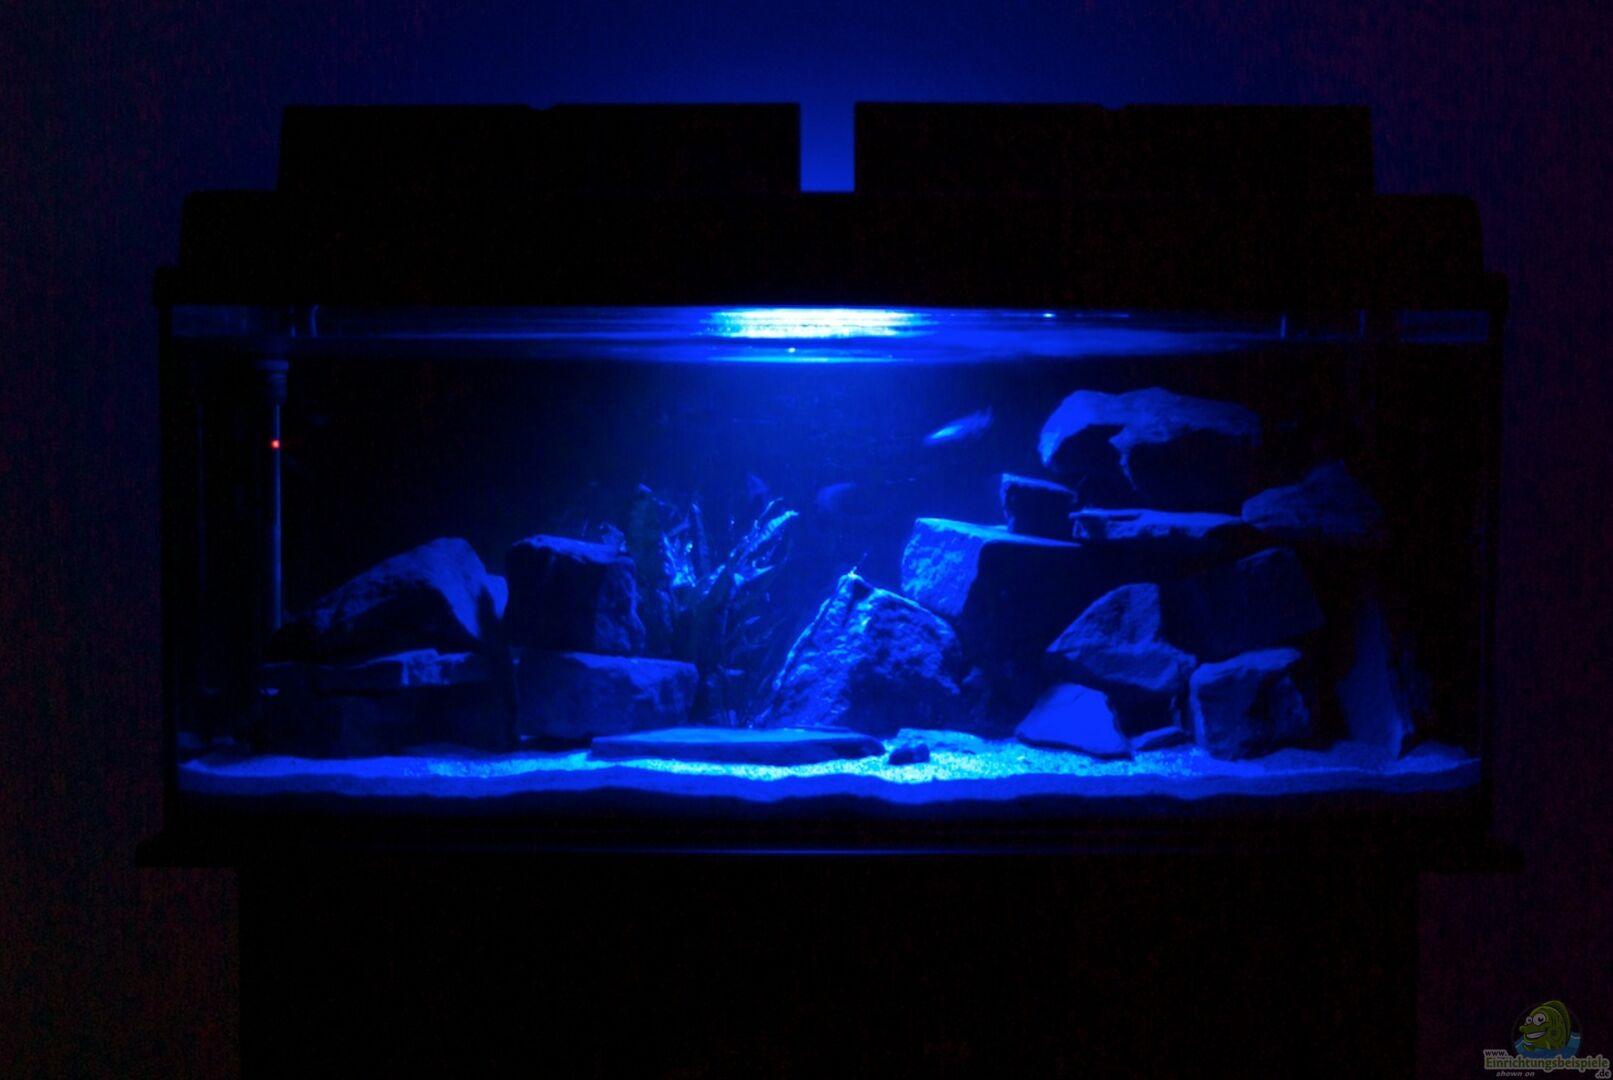 Aquarium Wohnzimmer Dekoration : Aquarium von duder malawikus wohnzimmer